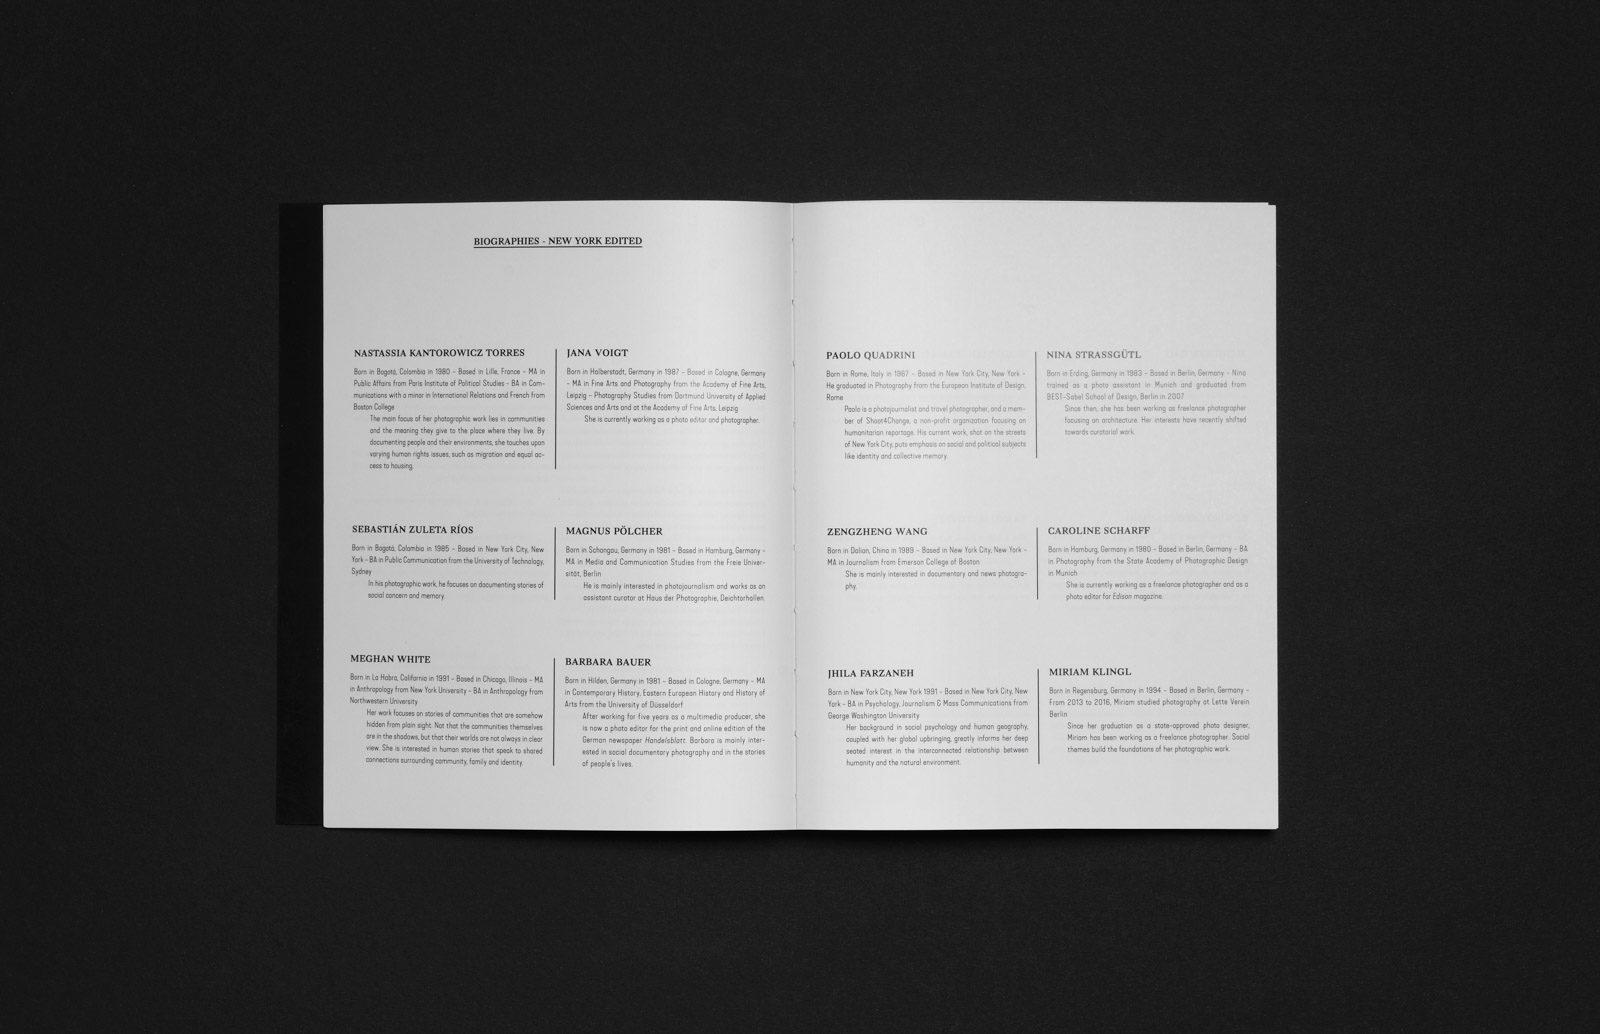 Editienne Grafikdesign - Kommunikationsdesign Berlin- Buchgestaltung und Coverdesign Fotobuch Out of Place 11